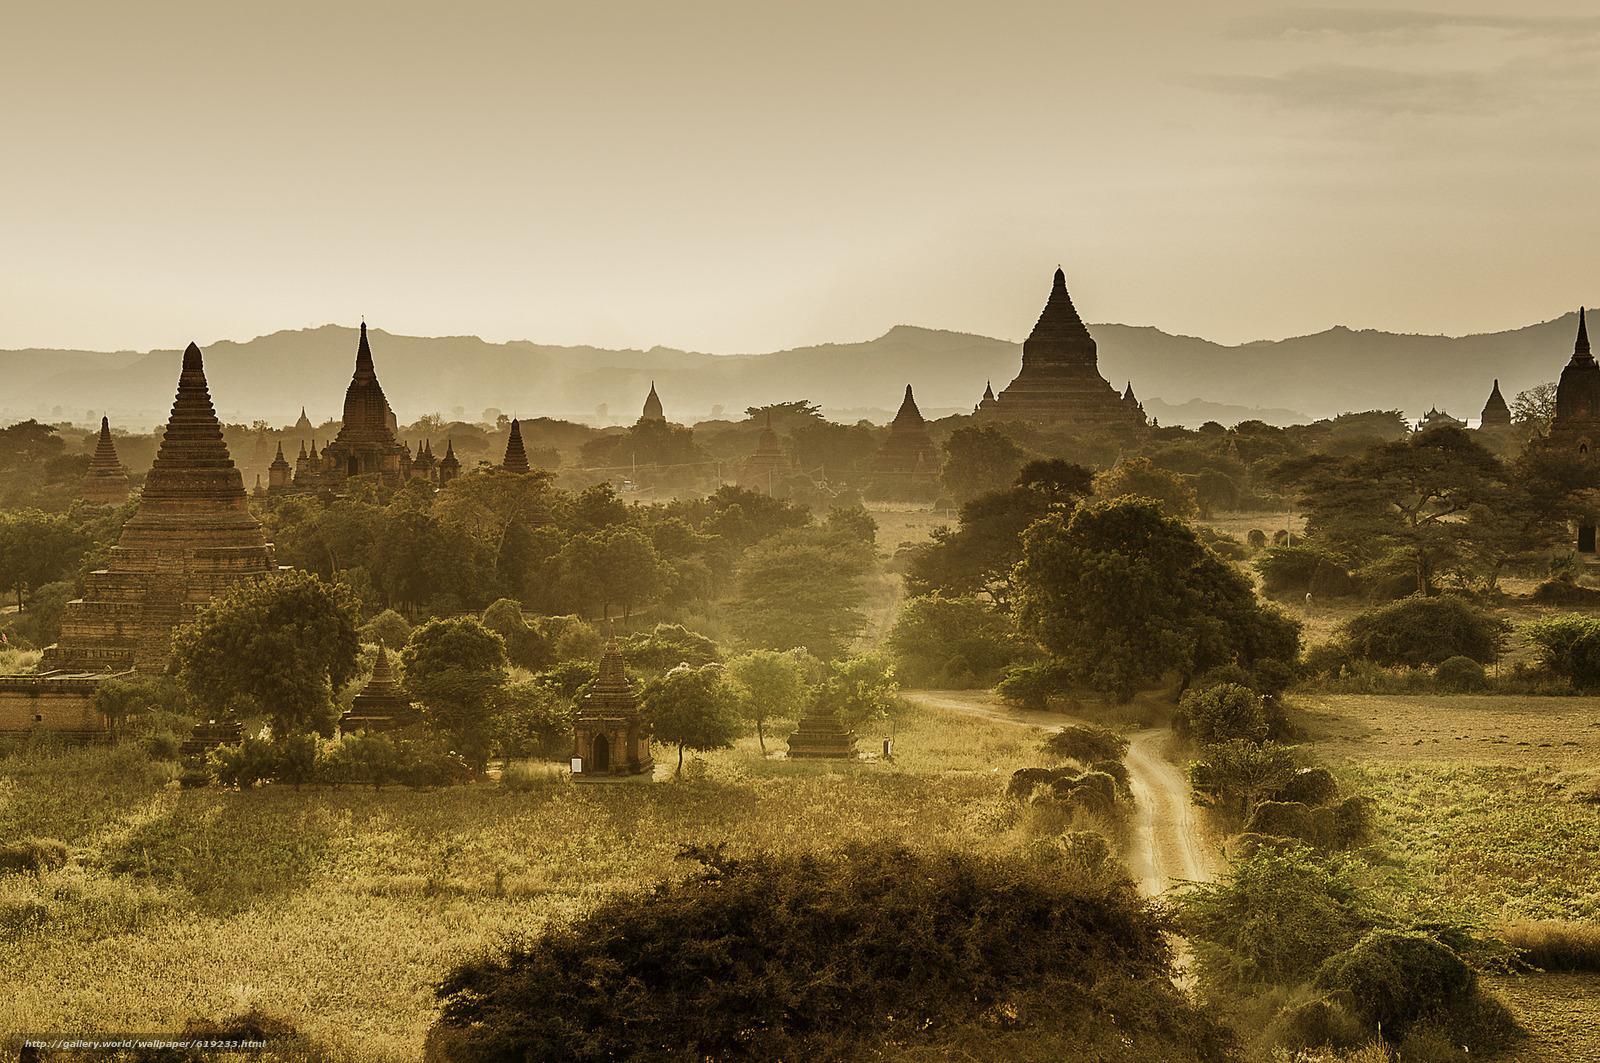 Скачать обои Мьянма,  архитектура,  горы,  закат бесплатно для рабочего стола в разрешении 2048x1360 — картинка №619233